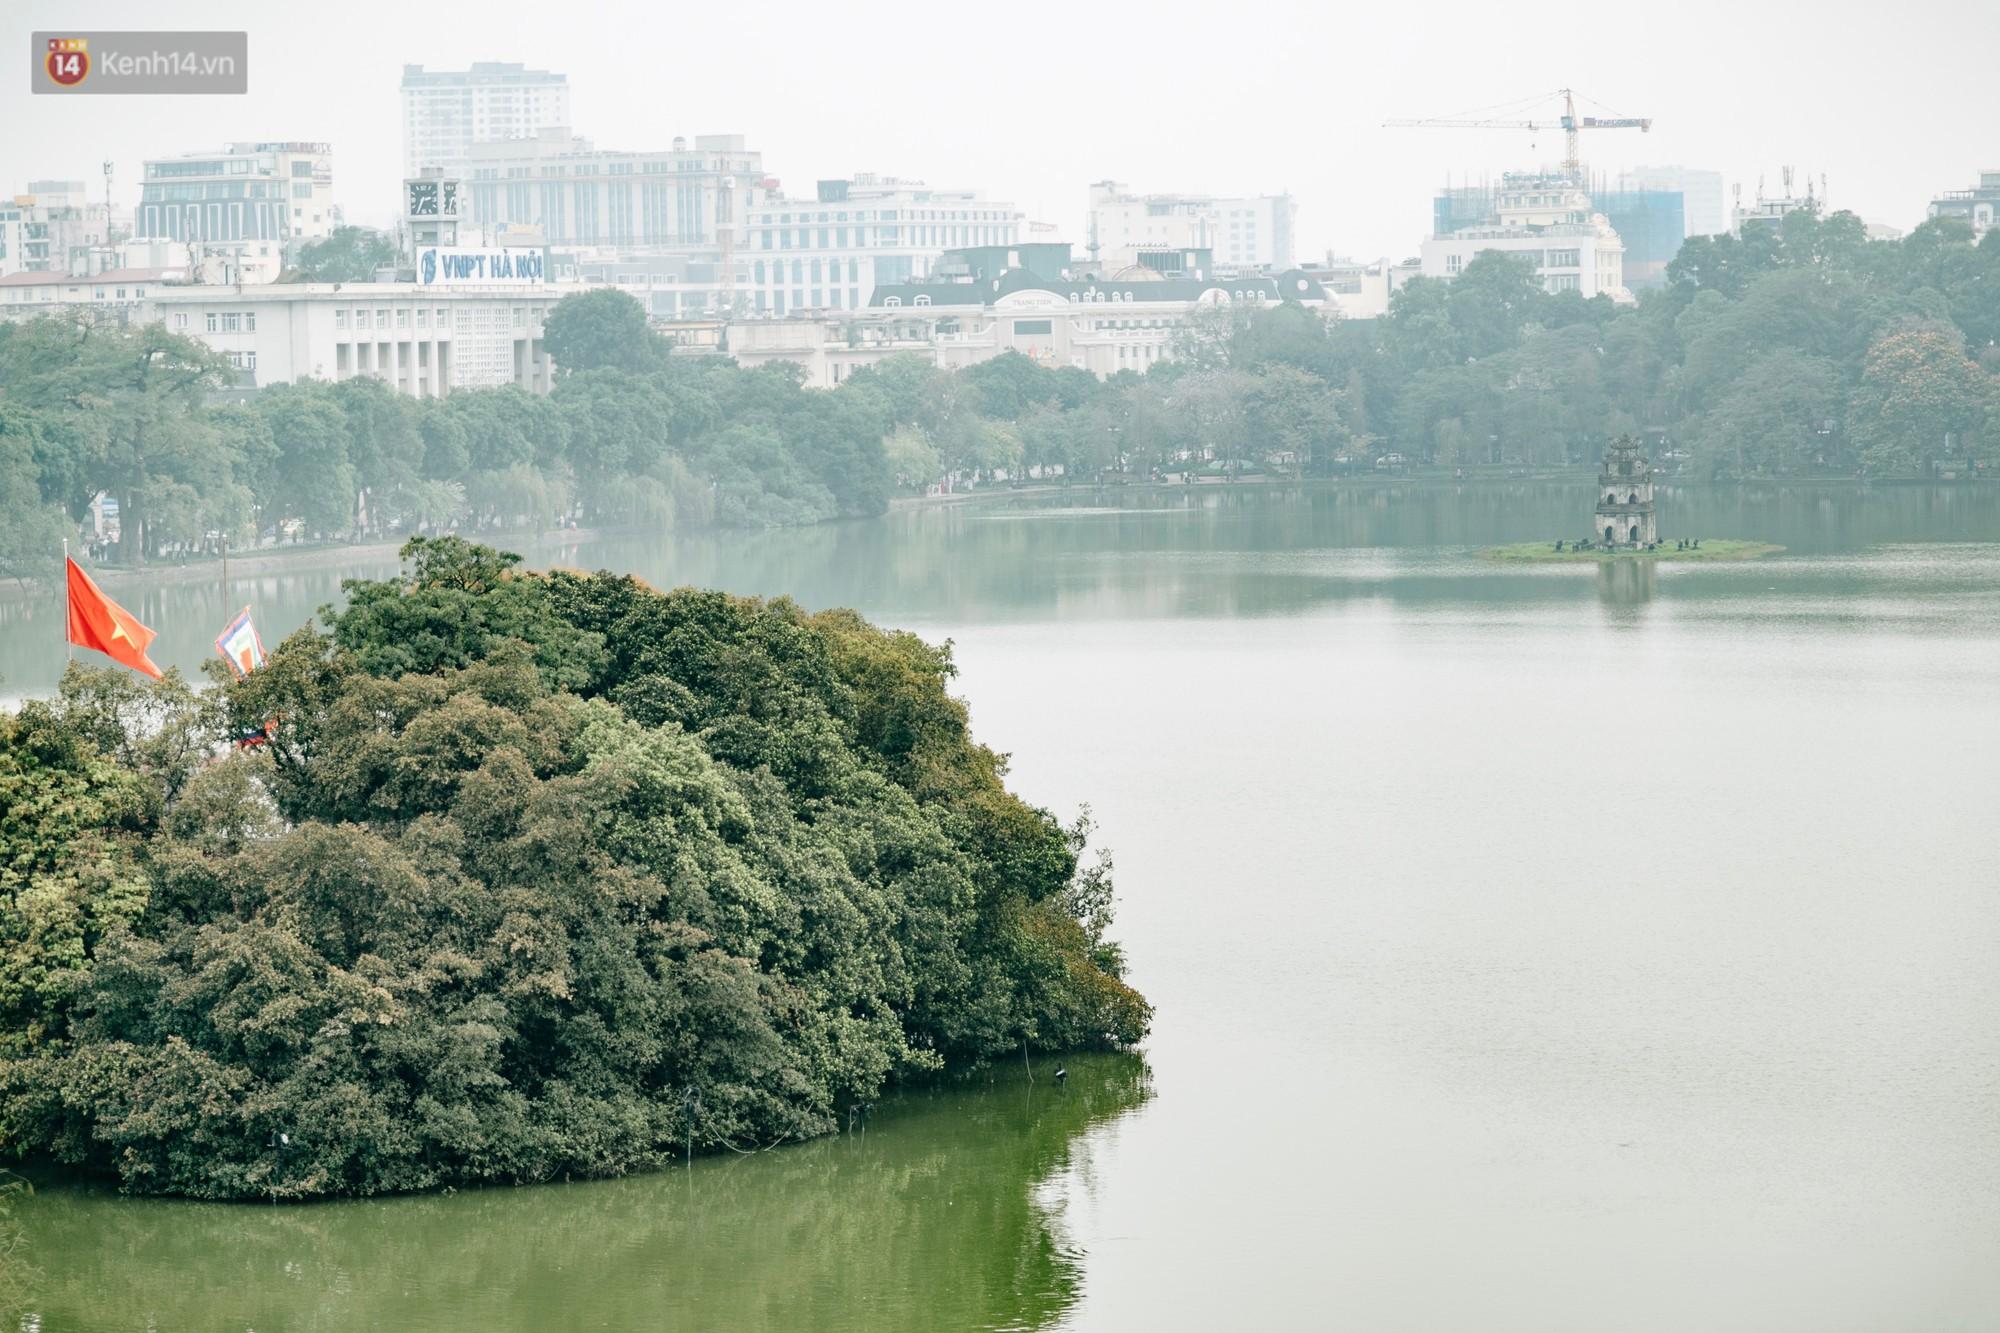 Xuất hiện trên CNN, thủ đô Hà Nội được bạn bè quốc tế tấm tắc khen vì xinh đẹp, bình yên-11